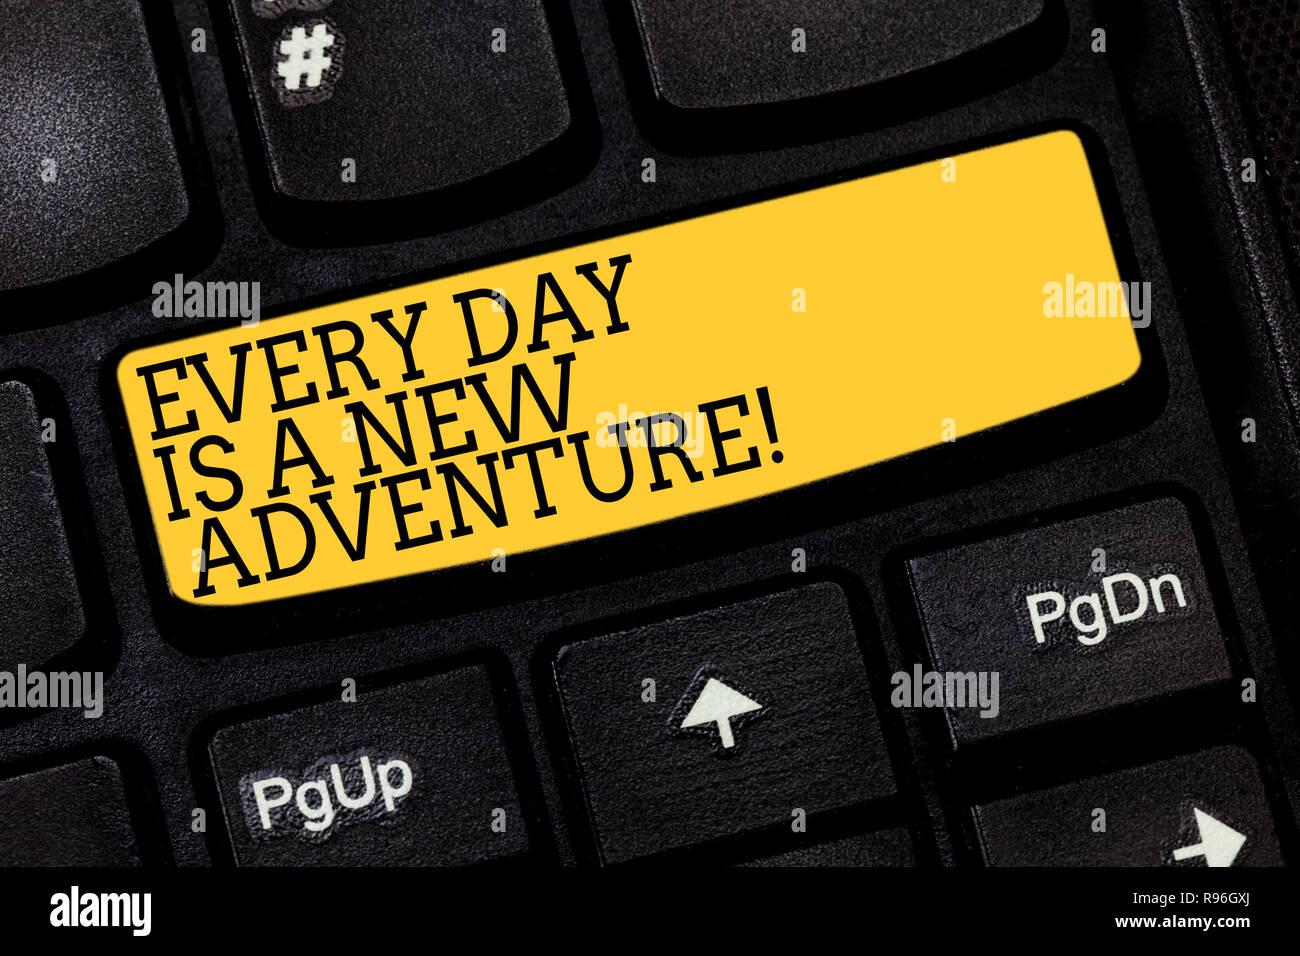 Signo de texto mostrando cada día es una nueva aventura. Fotografía conceptual. Comience el día con positivismo motivación tecla intención de crear equipo Imagen De Stock